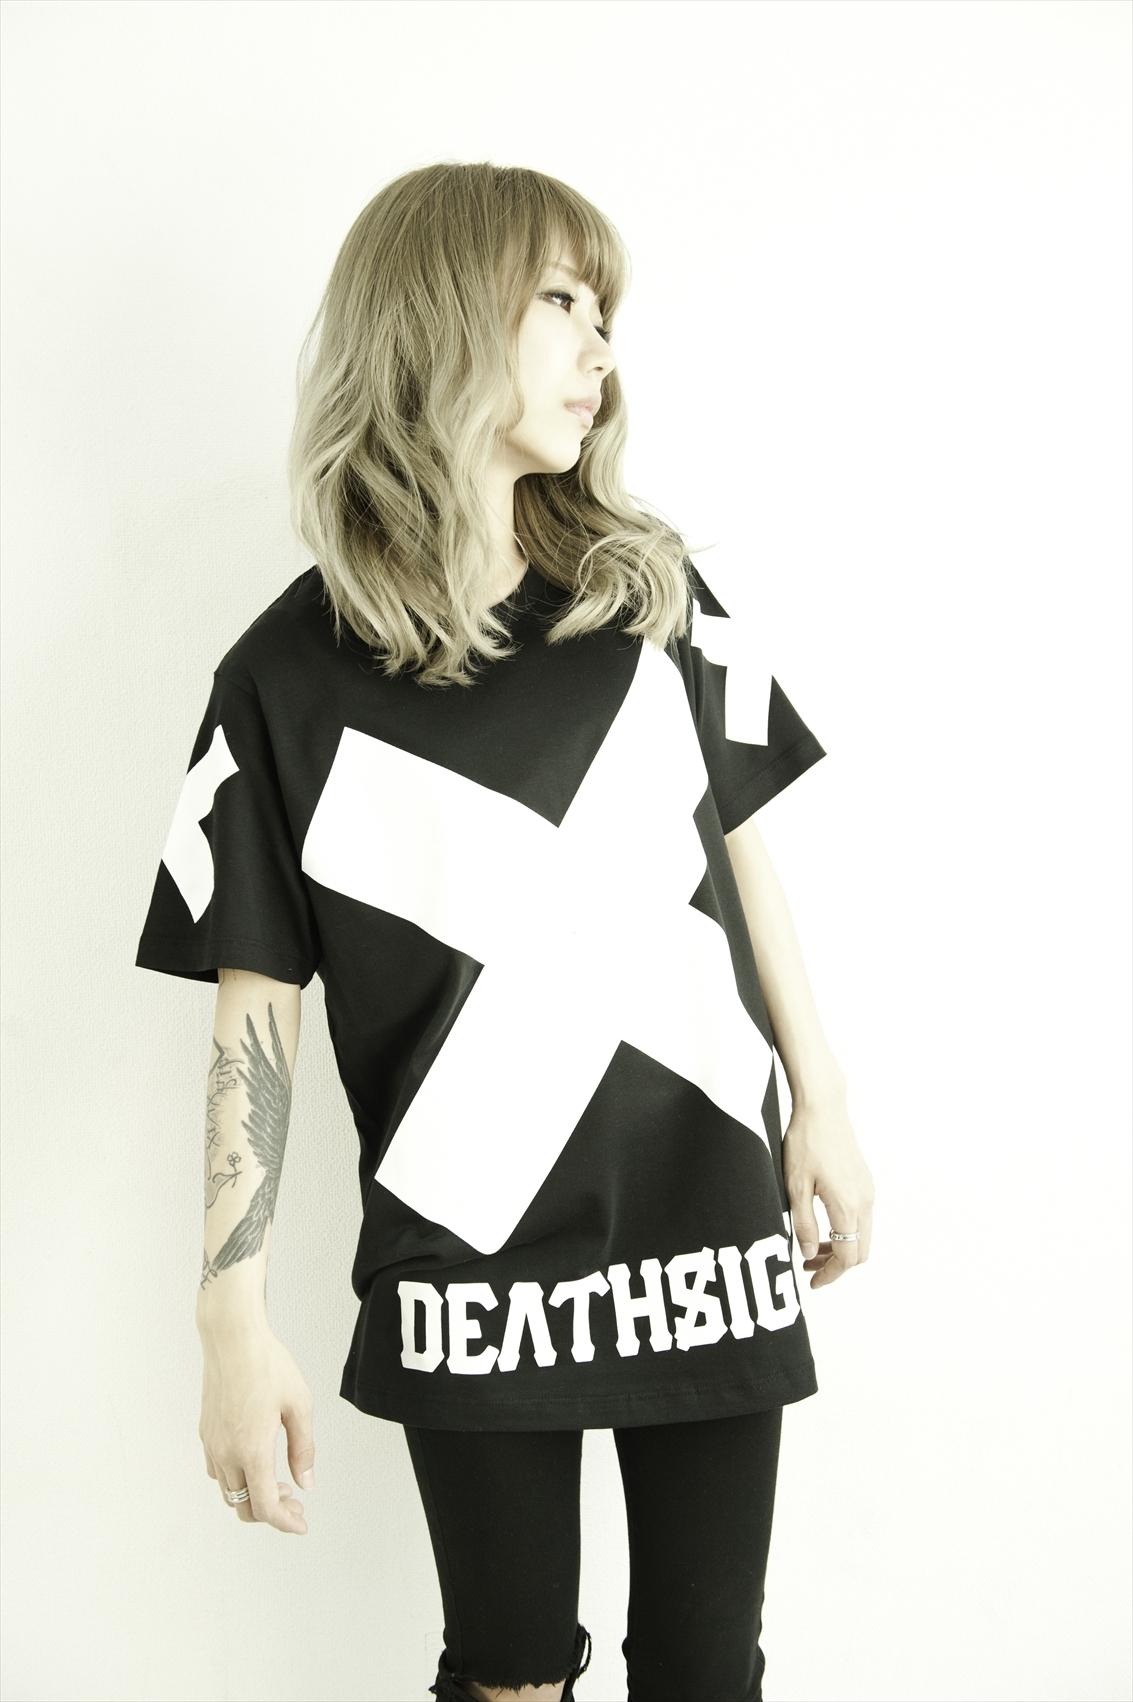 deathsight 17S TEES / BLACK - 画像3